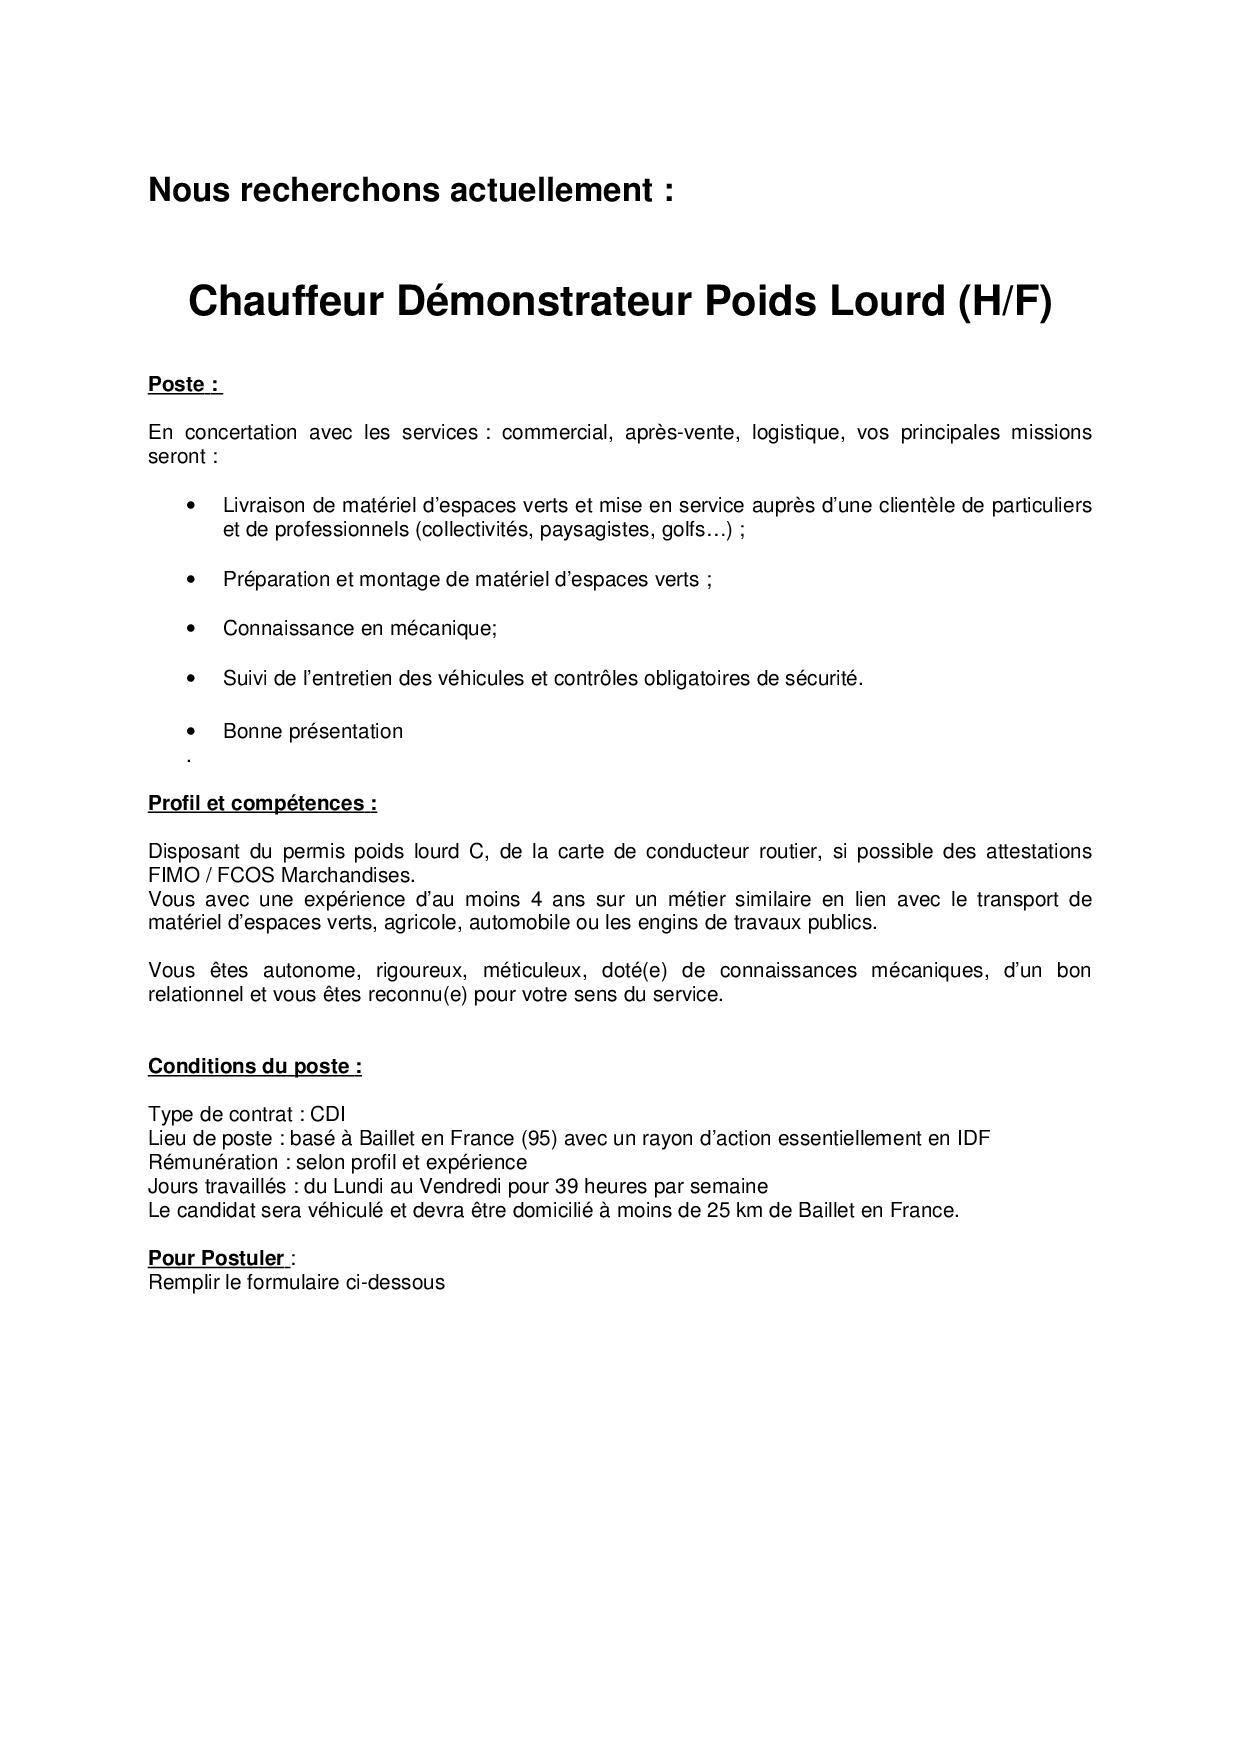 Chauffeur Démonstrateur Pour Agence De Baillet En France